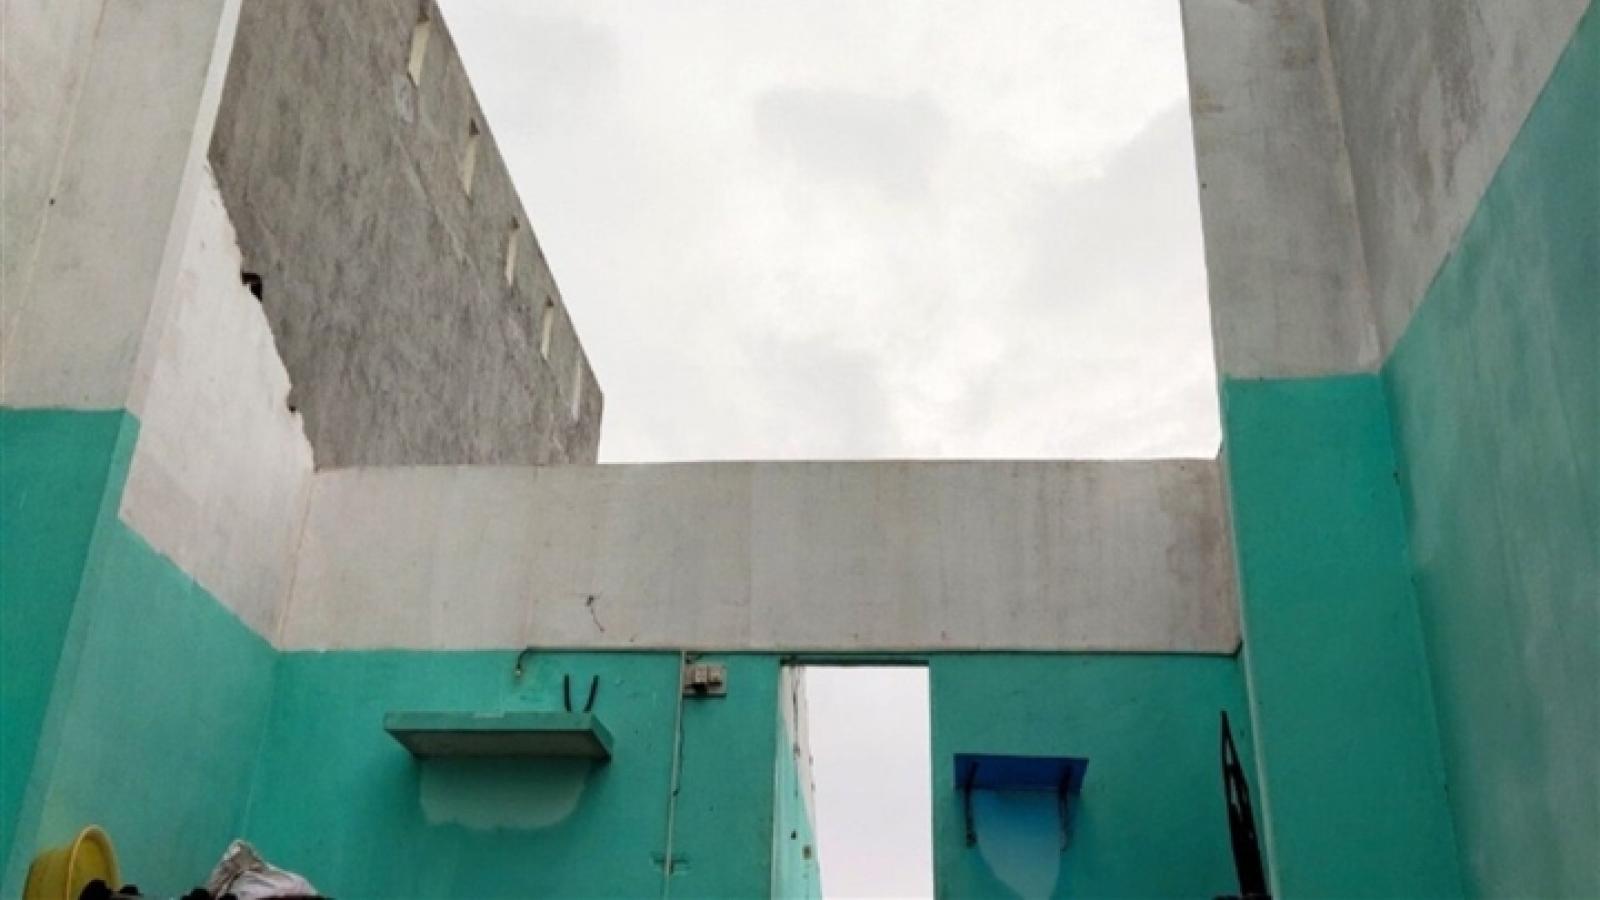 Quảng Ngãi: Lốc xoáy cuốn phăng mái nhà, dân tháo chạy trong đêm